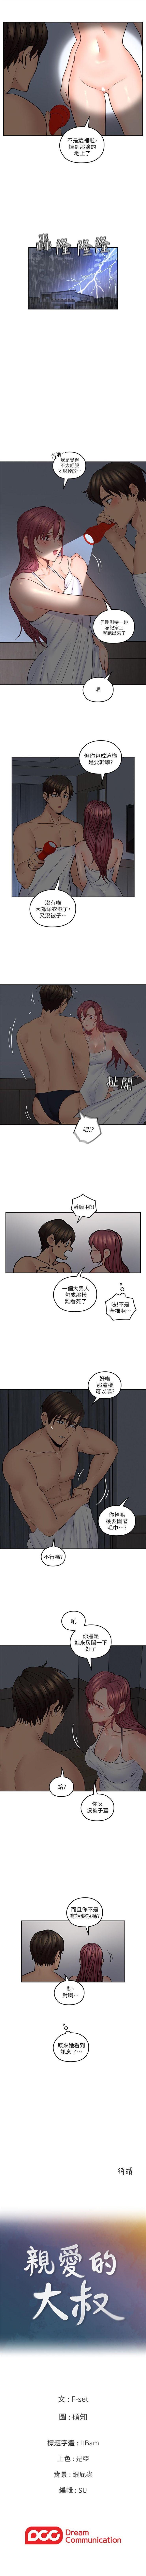 (週4)親愛的大叔 1-39 中文翻譯(更新中) 161